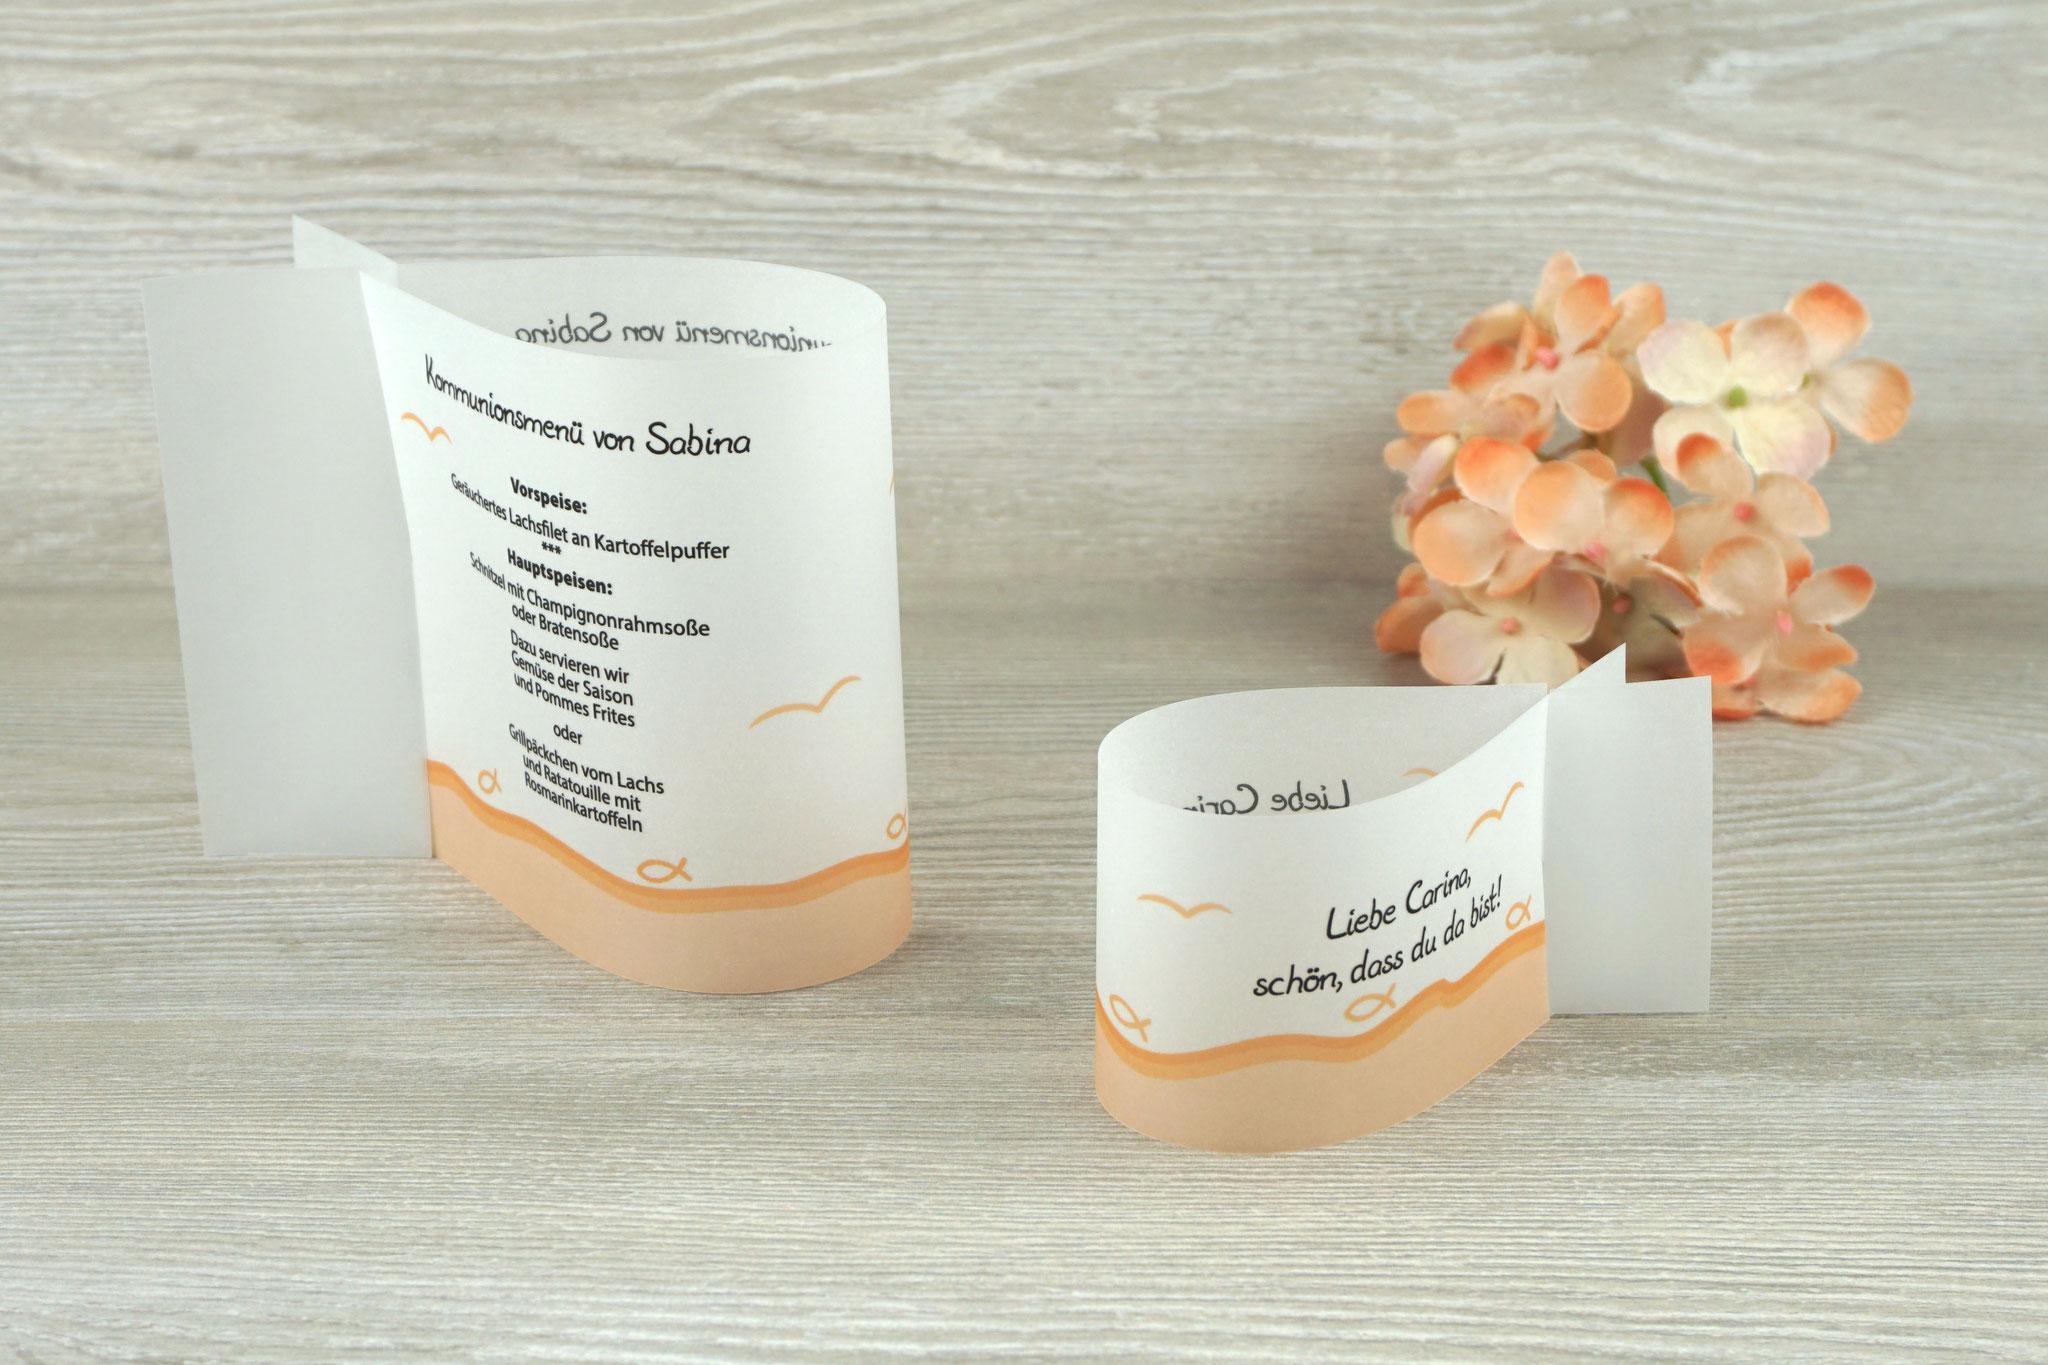 Menükarte & Platzkarte Fischform, Design Fisch Silhouette Apricot - Sonderwunsch Möven